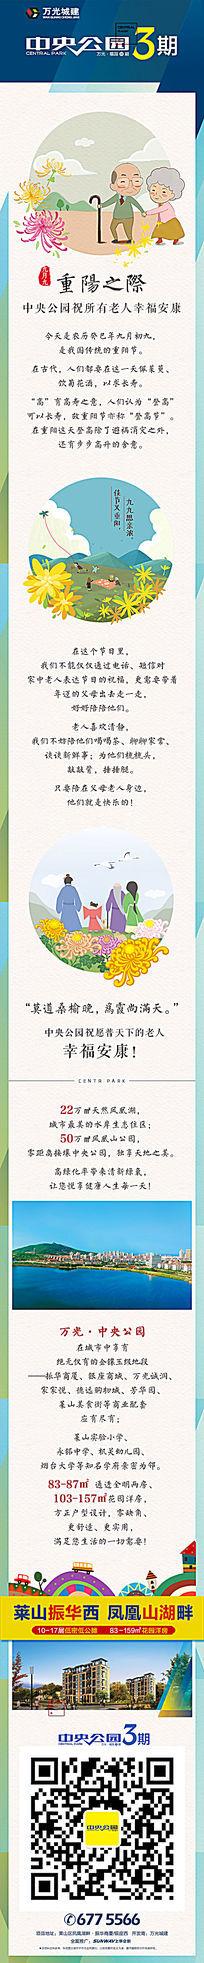 重阳节地产微信广告模板